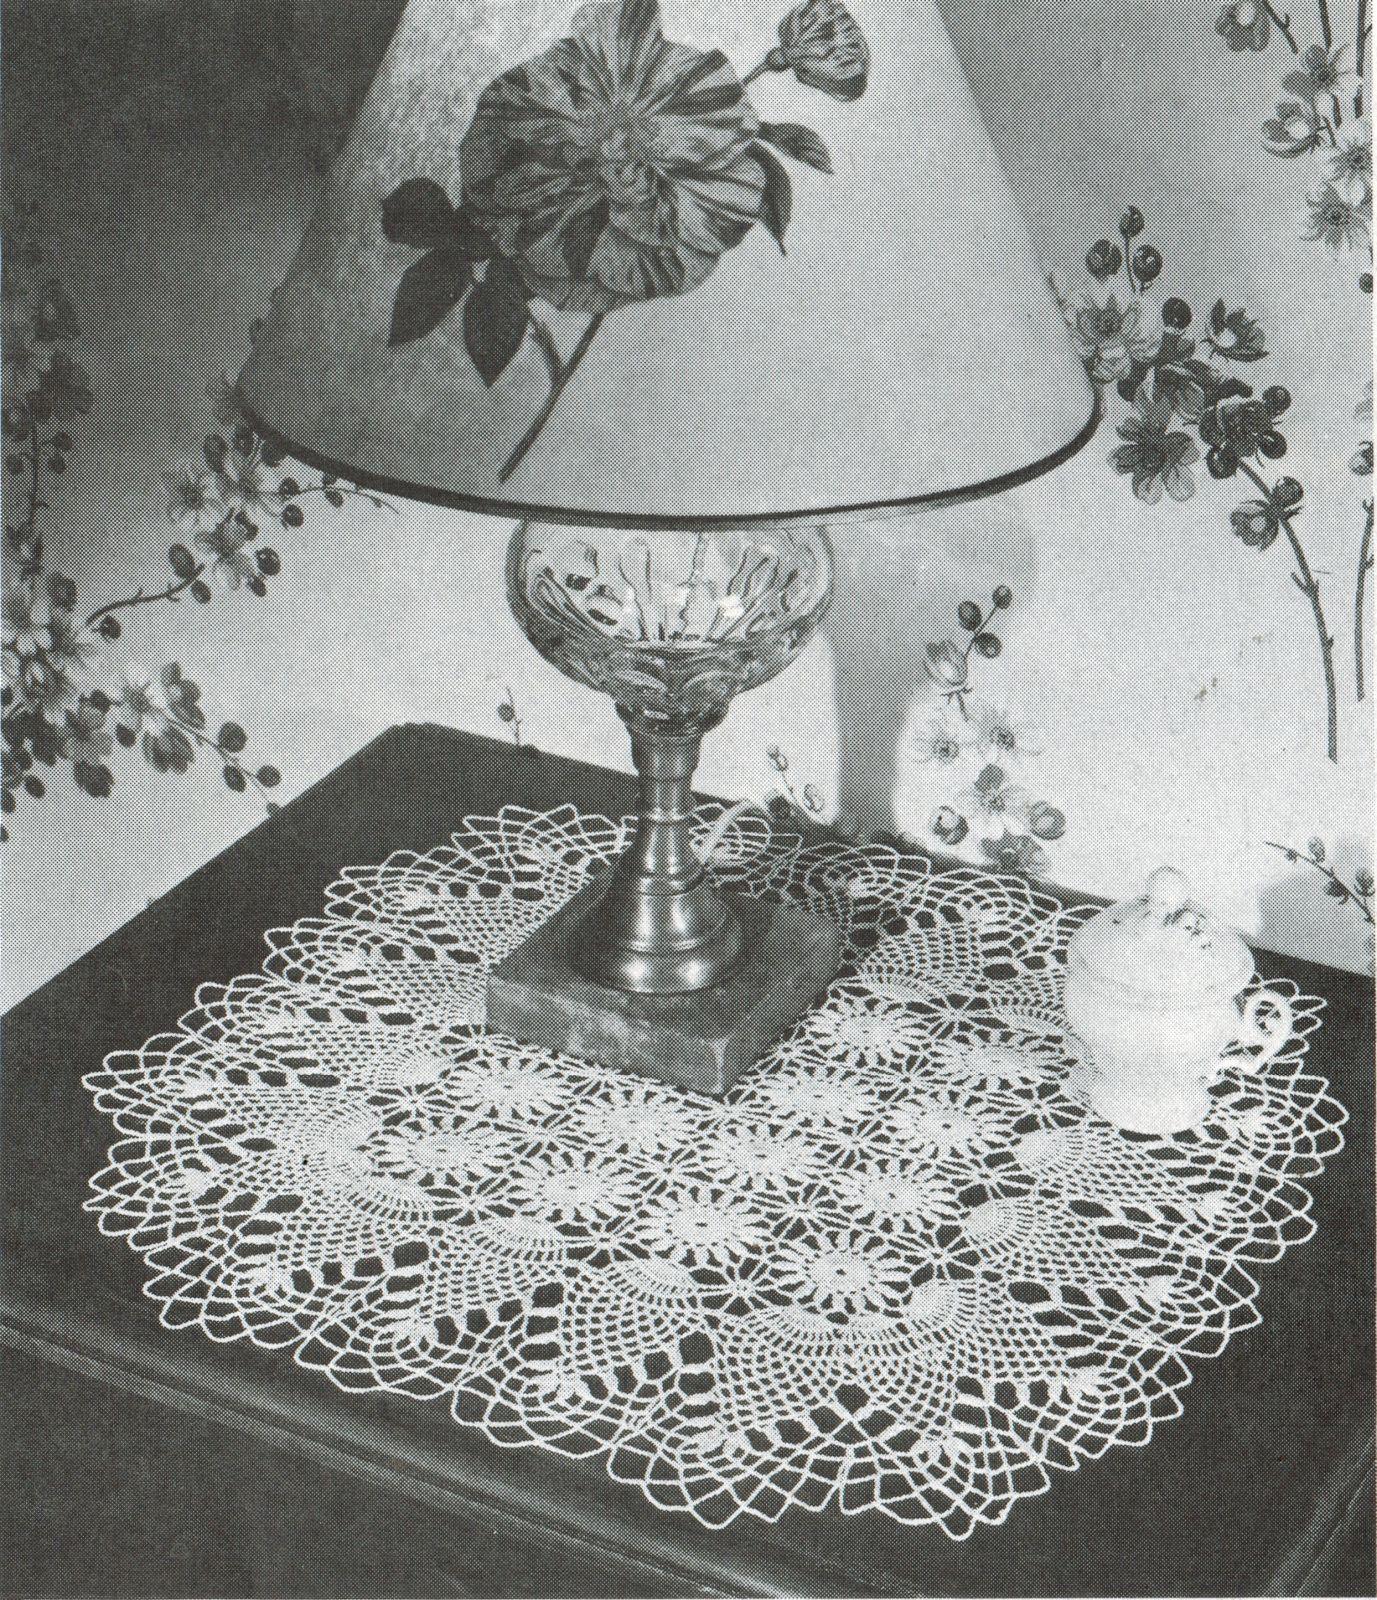 Pineapple Doilies Tablecloth Runner Luncheon Buffet Armchair Crochet Patterns  image 8